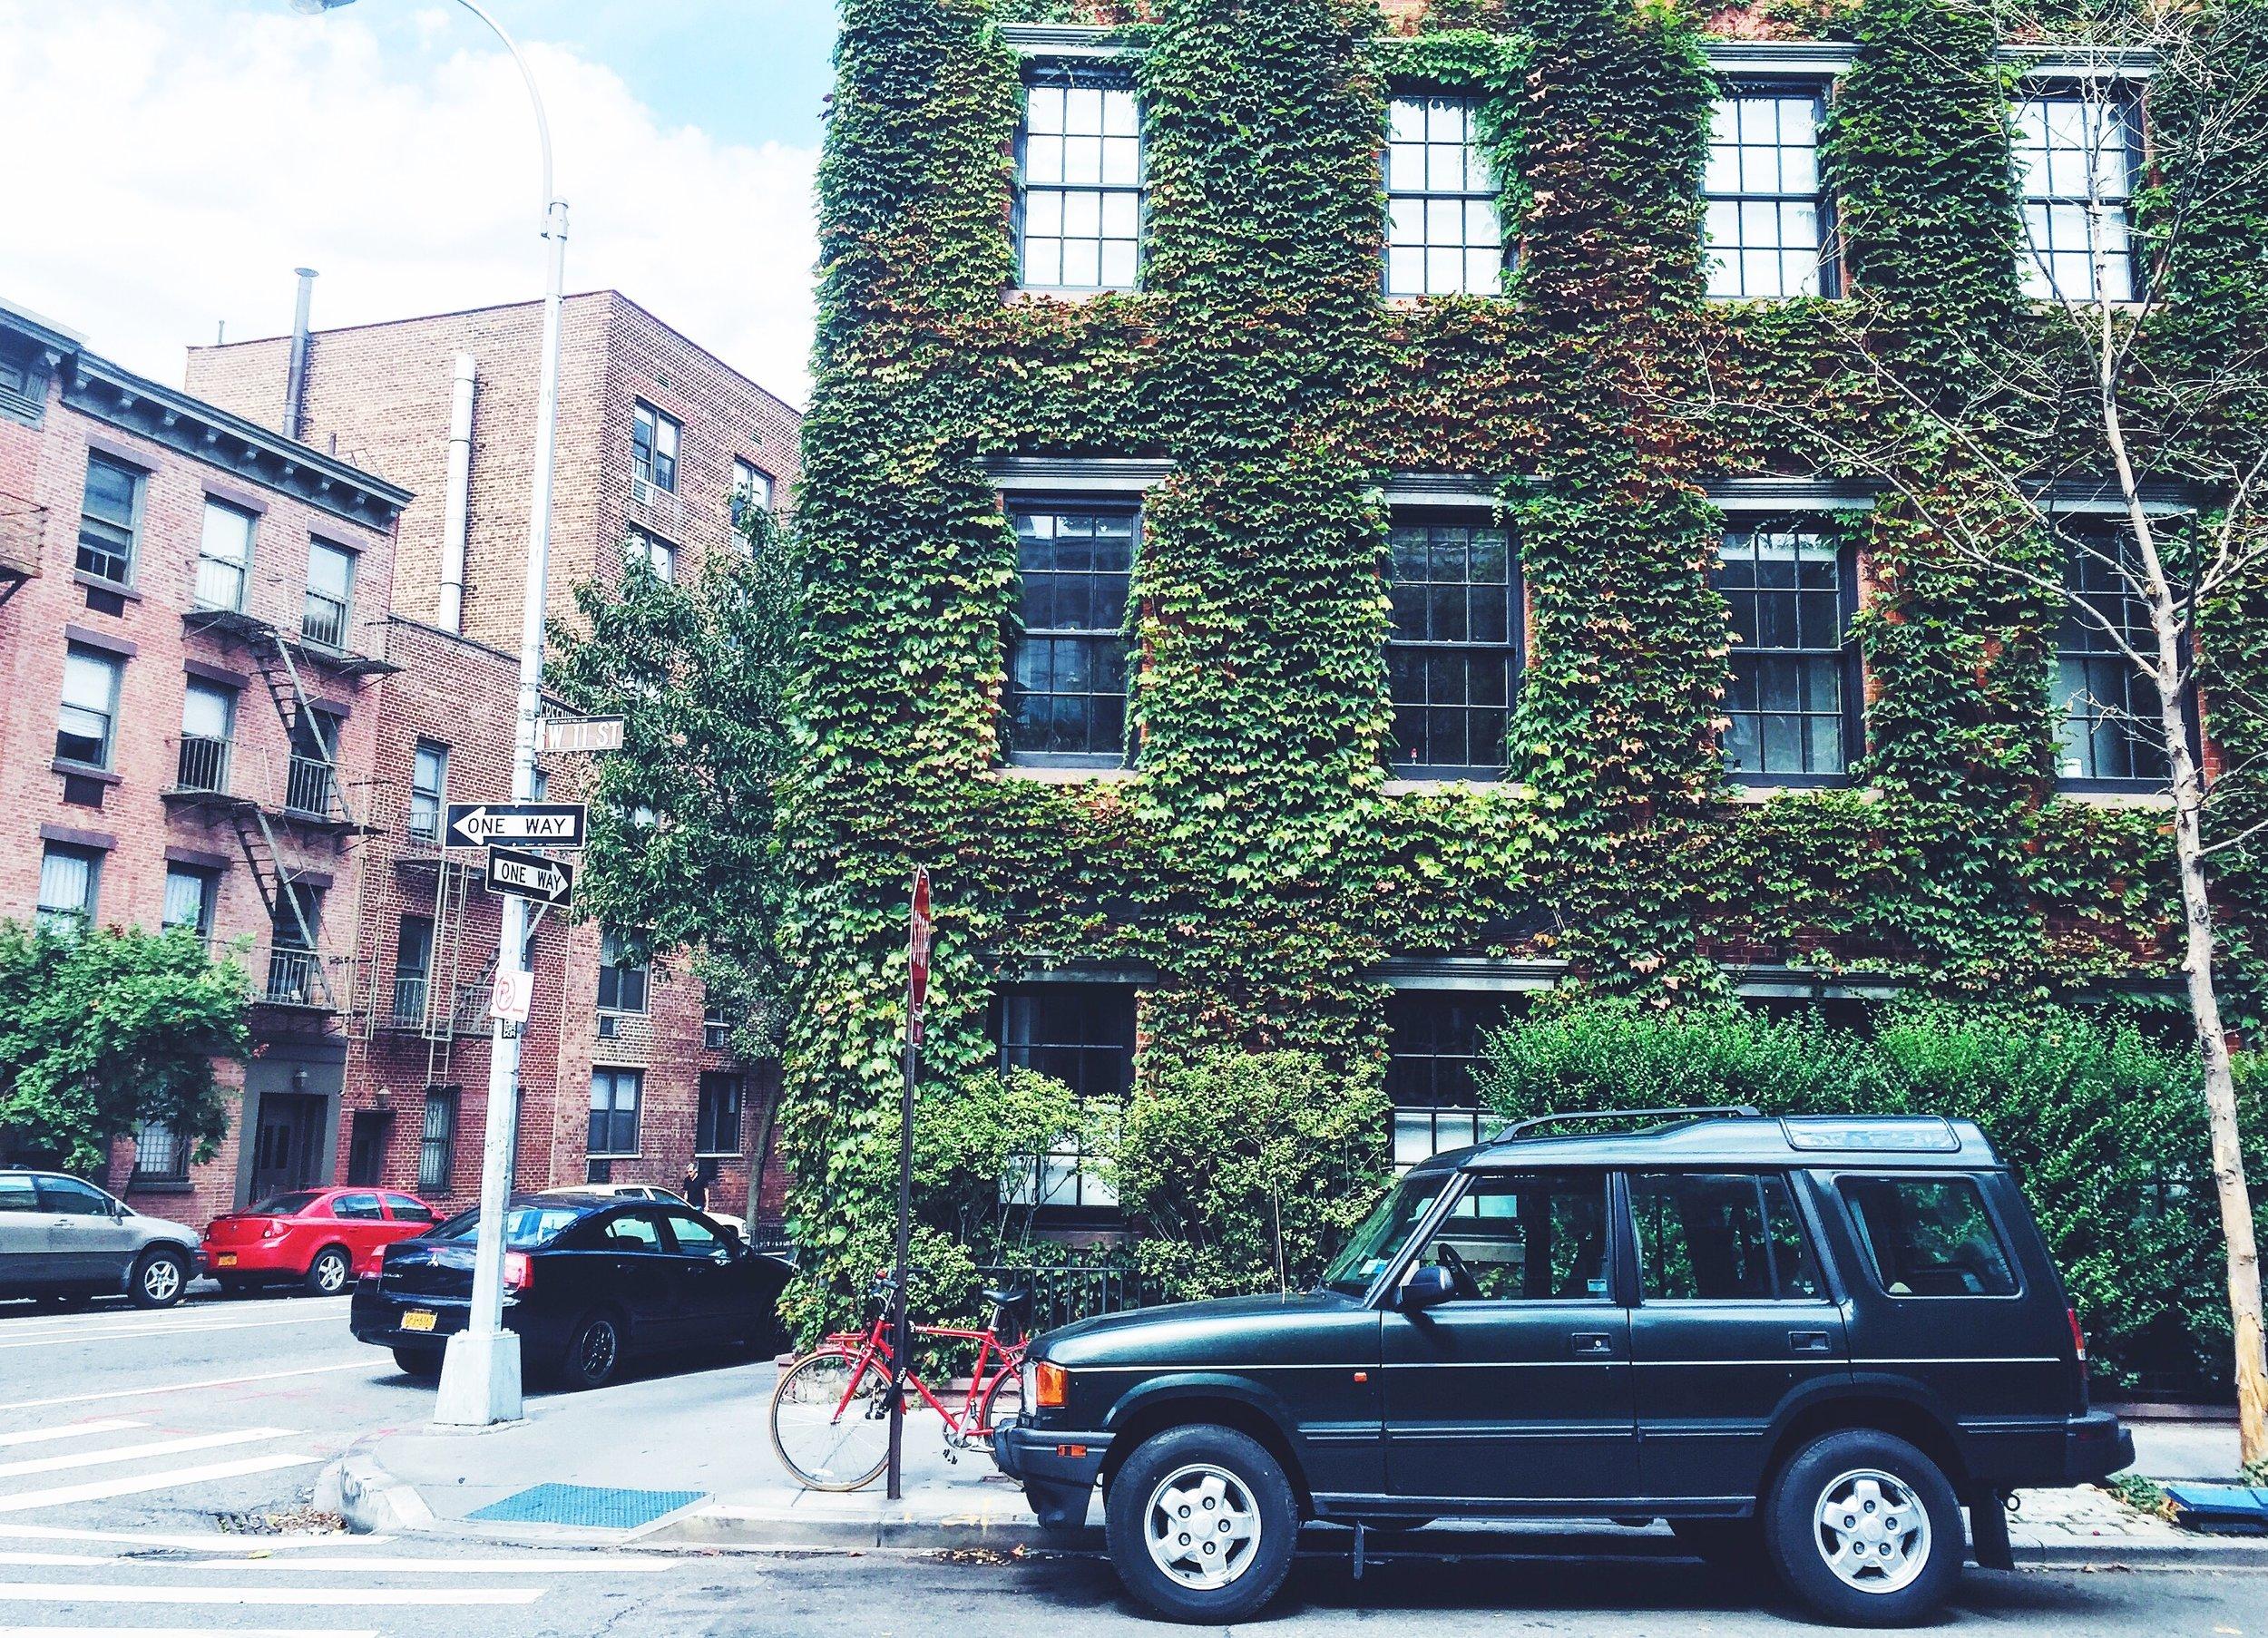 Greenwich Street, West Village, New York